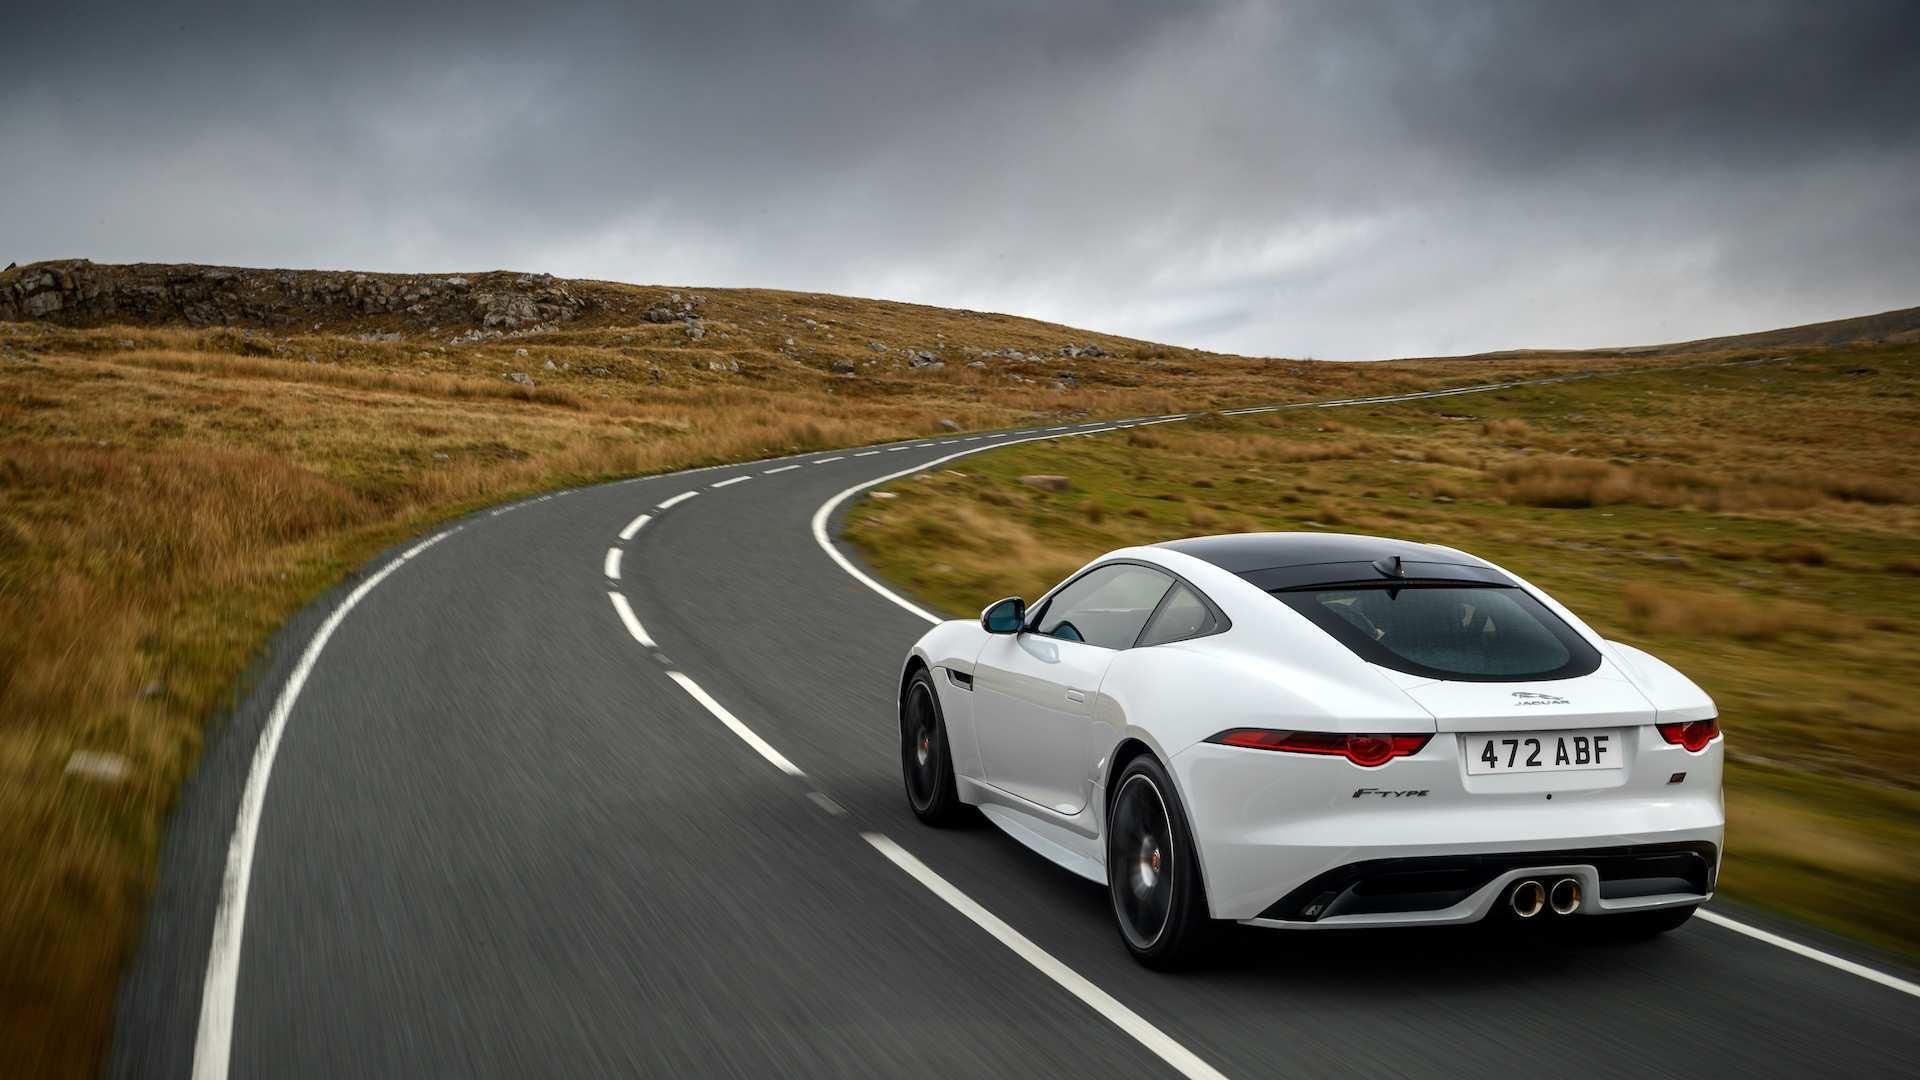 86 All New 2020 Jaguar Lineup Reviews with 2020 Jaguar Lineup